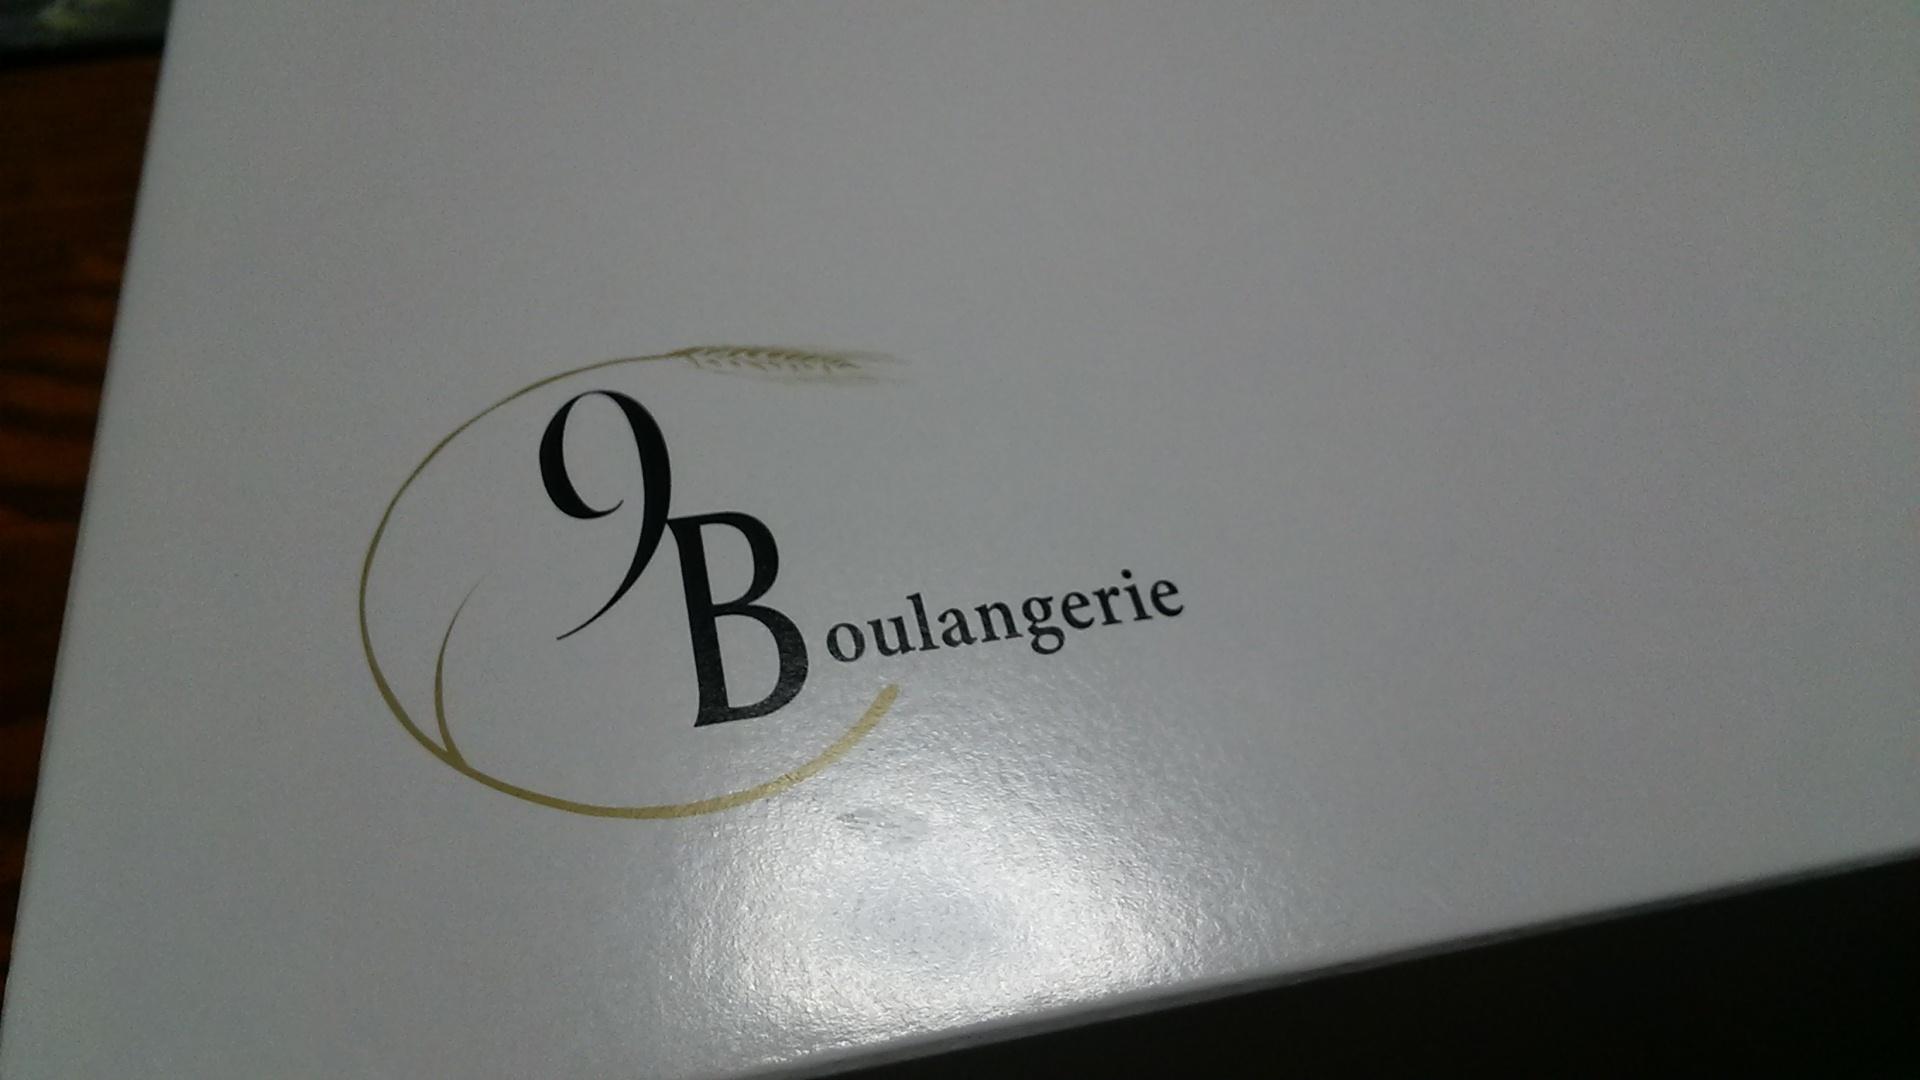 ブーランジェリー 9B